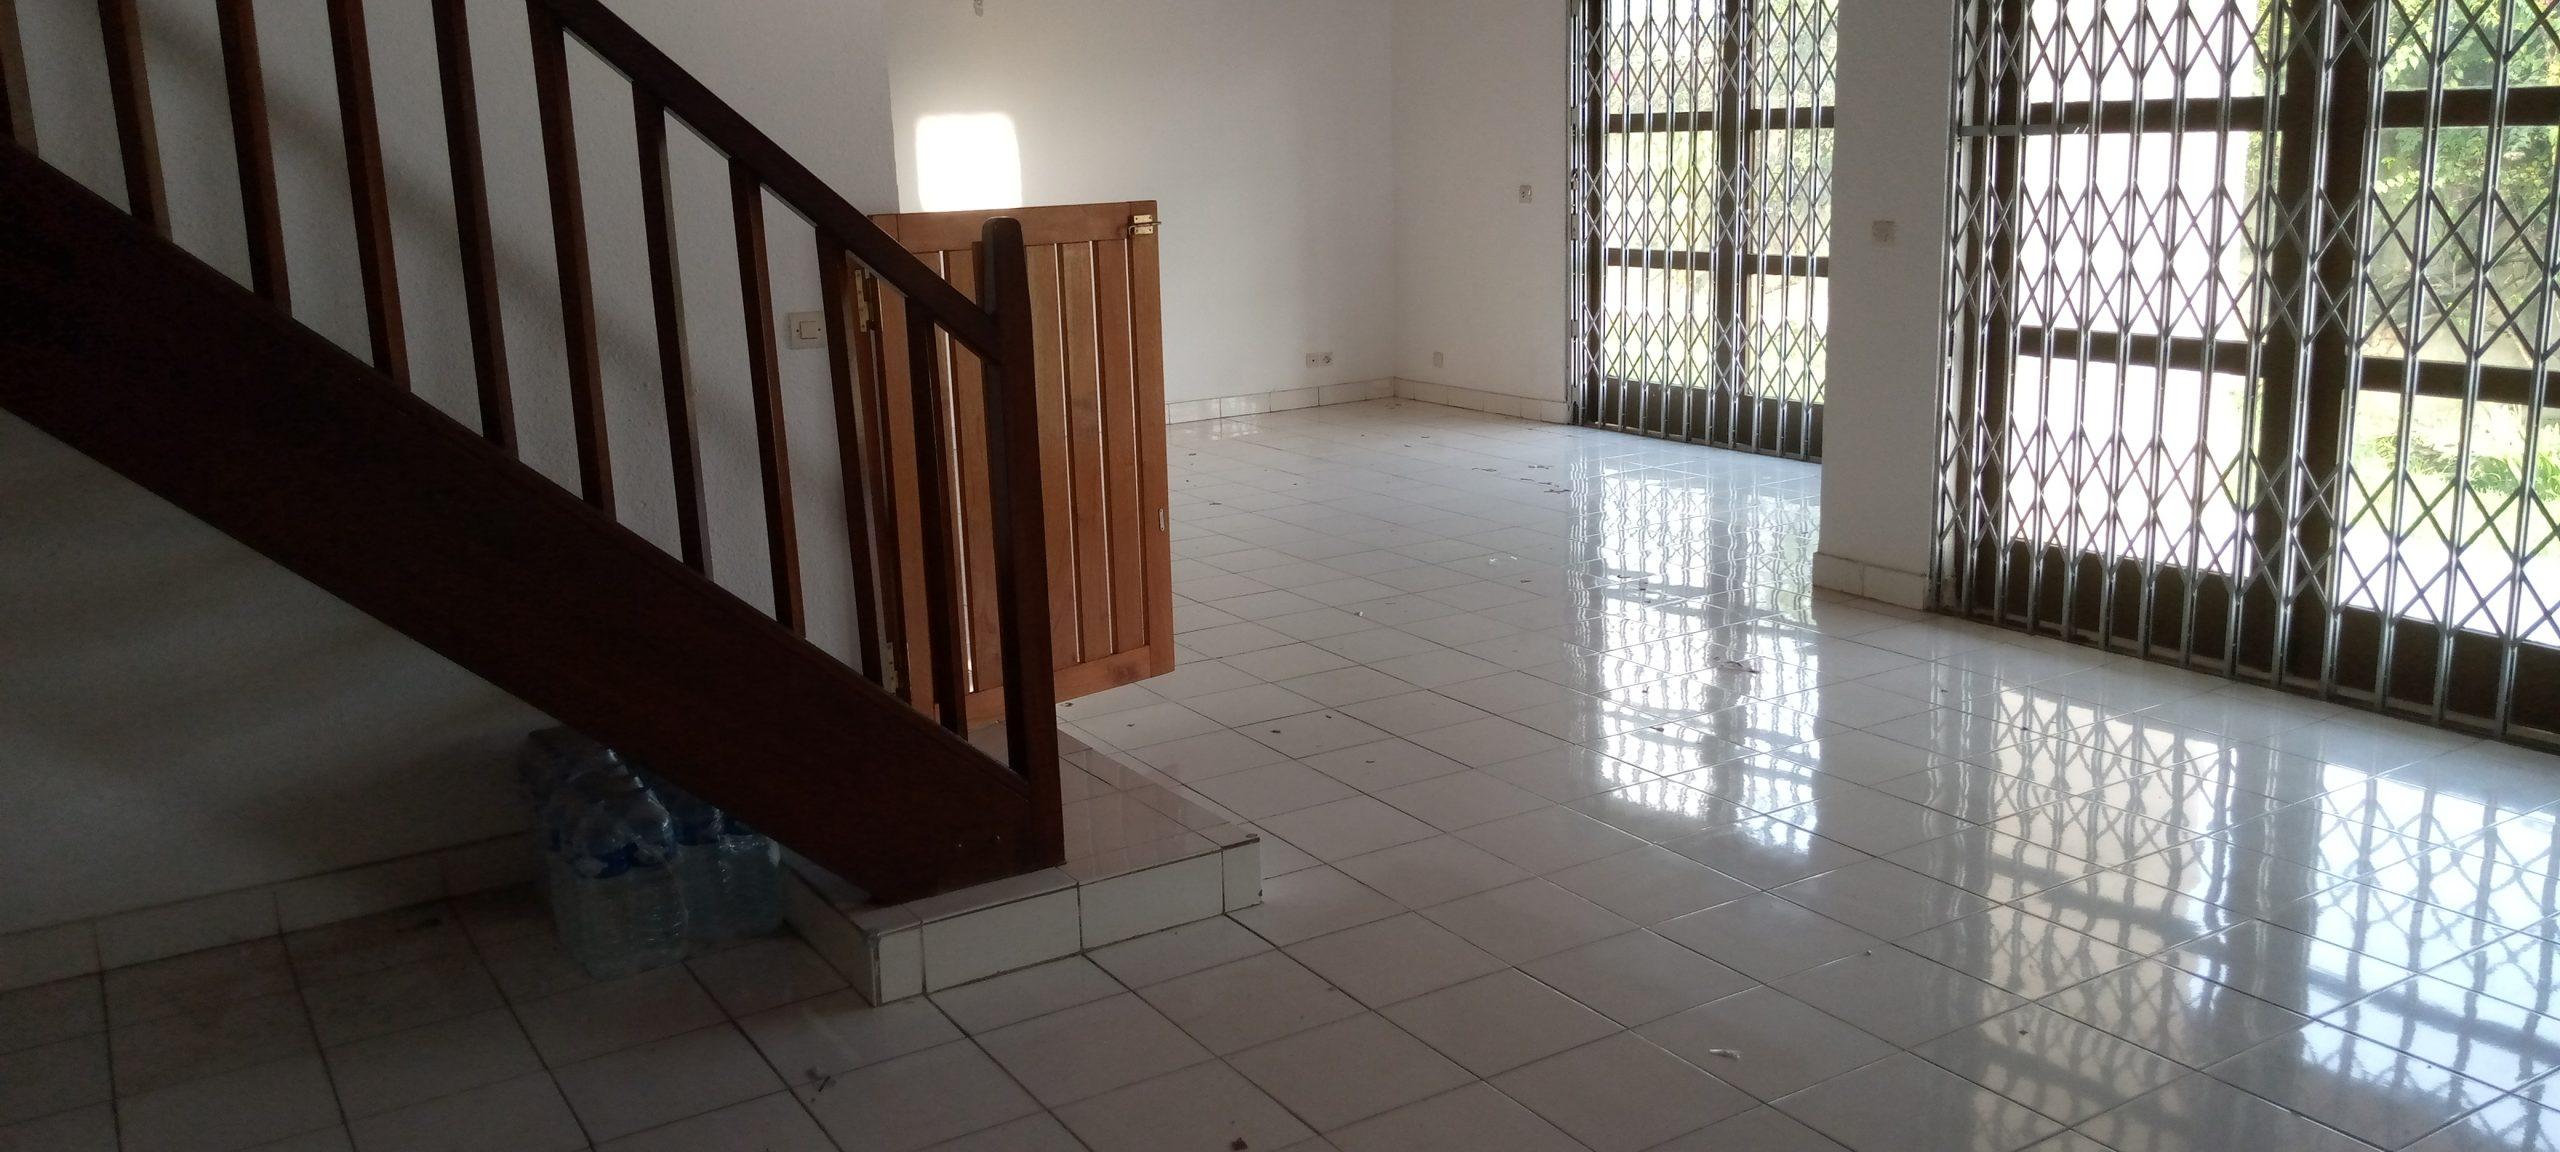 4-room villa in Cocody Rivera3